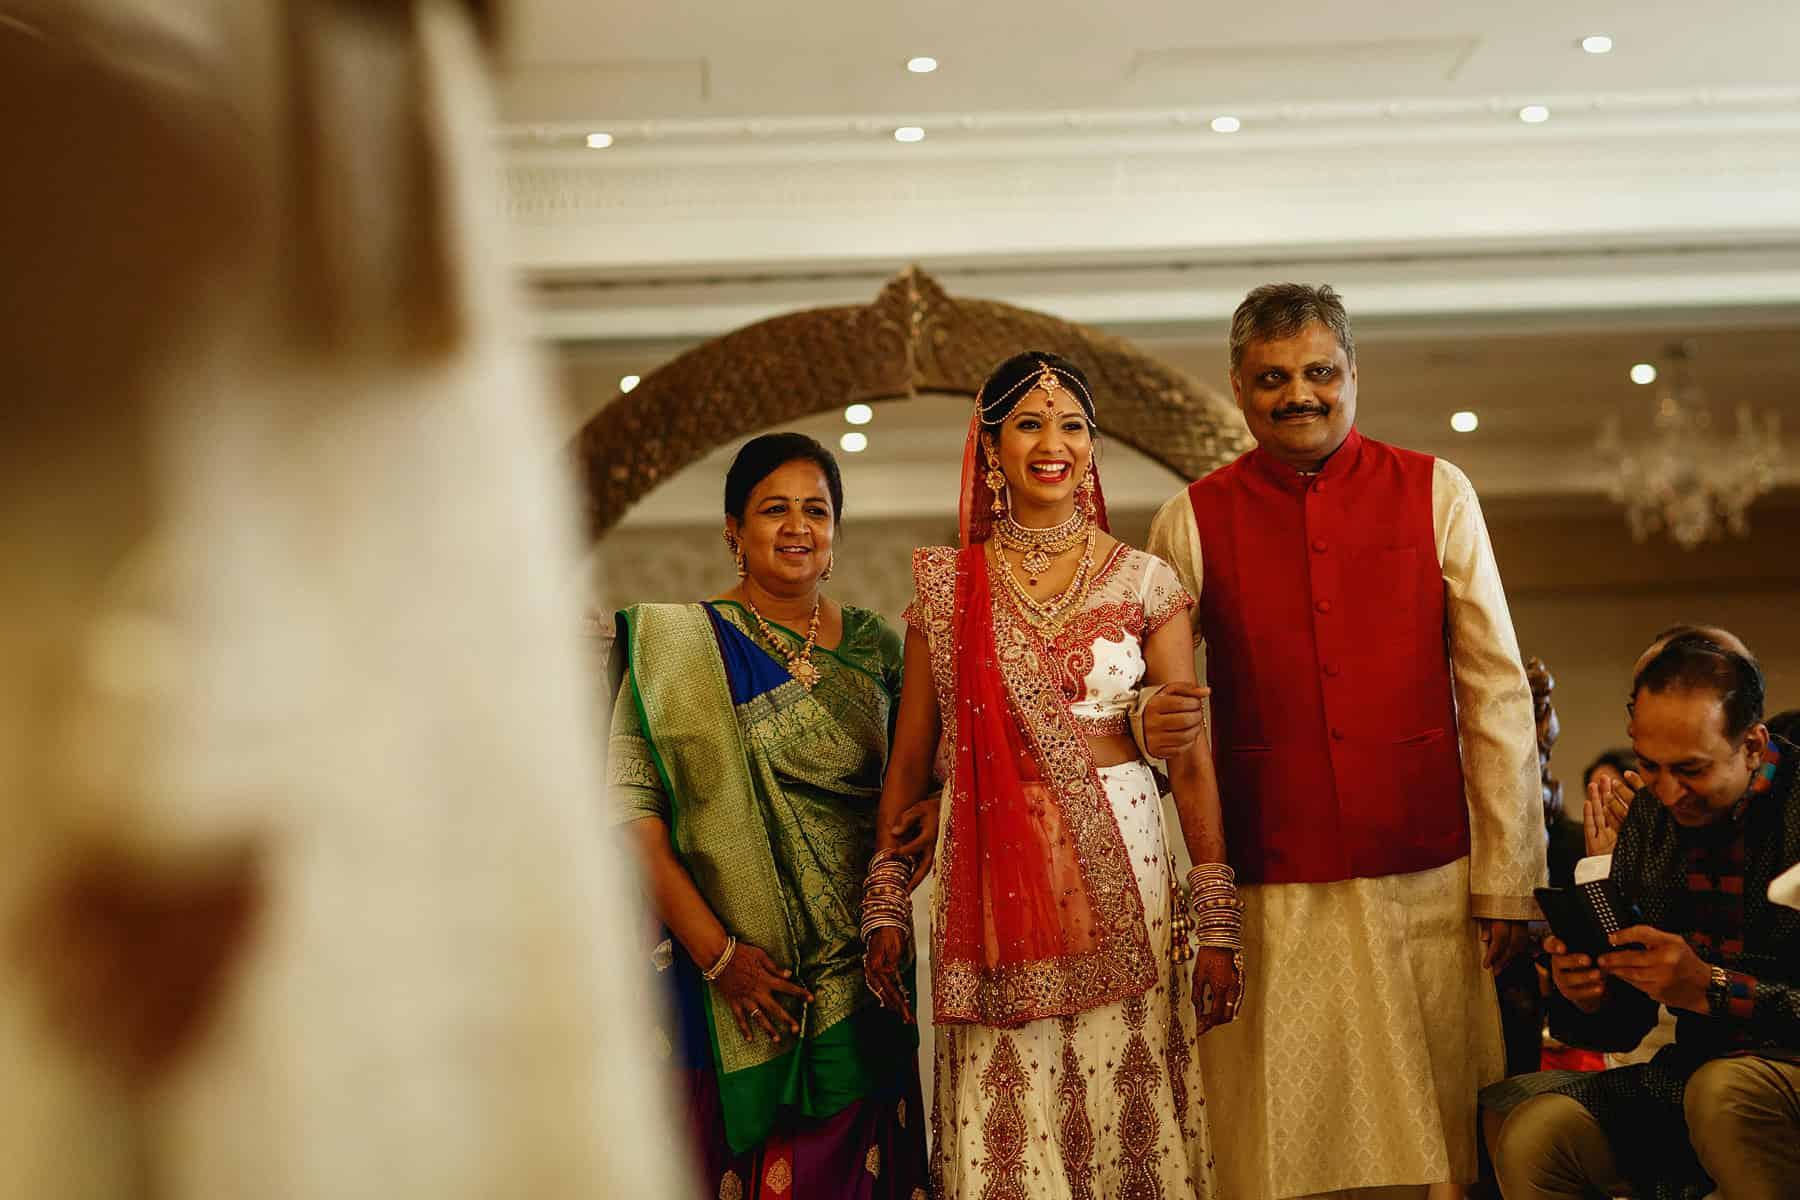 shendish manor hindu wedding photography